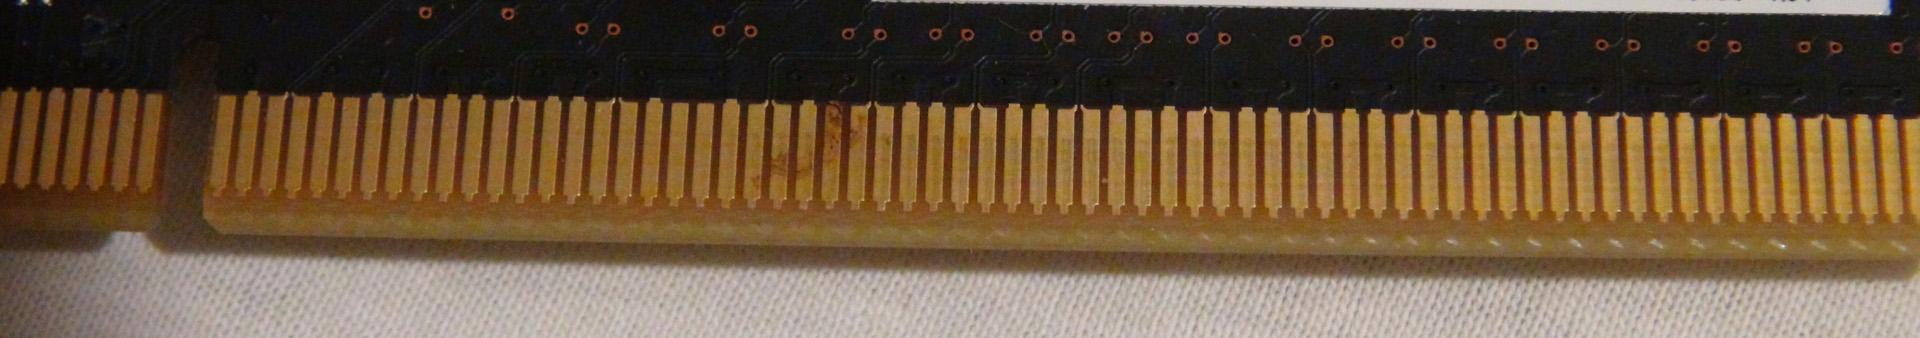 Asus GTX 980 Strix - klebriges Zeug auf Kontakten-gtx980i.jpg